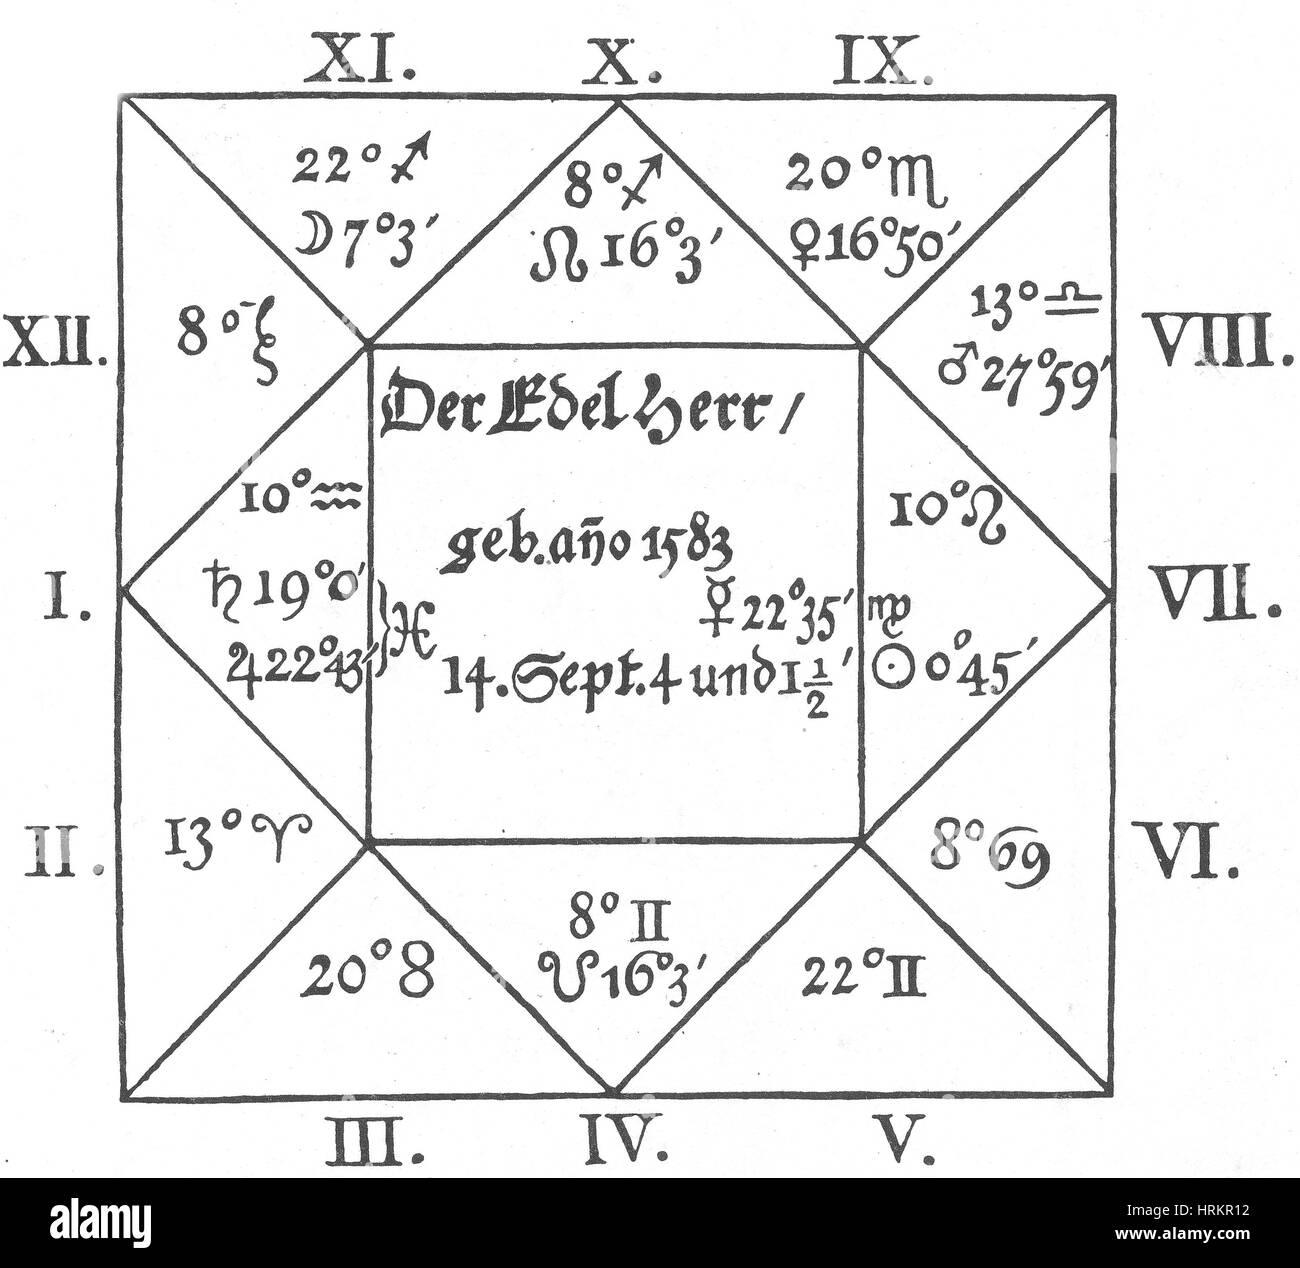 Von Wallenstein Horoscope by Kepler, 1608 - Stock Image